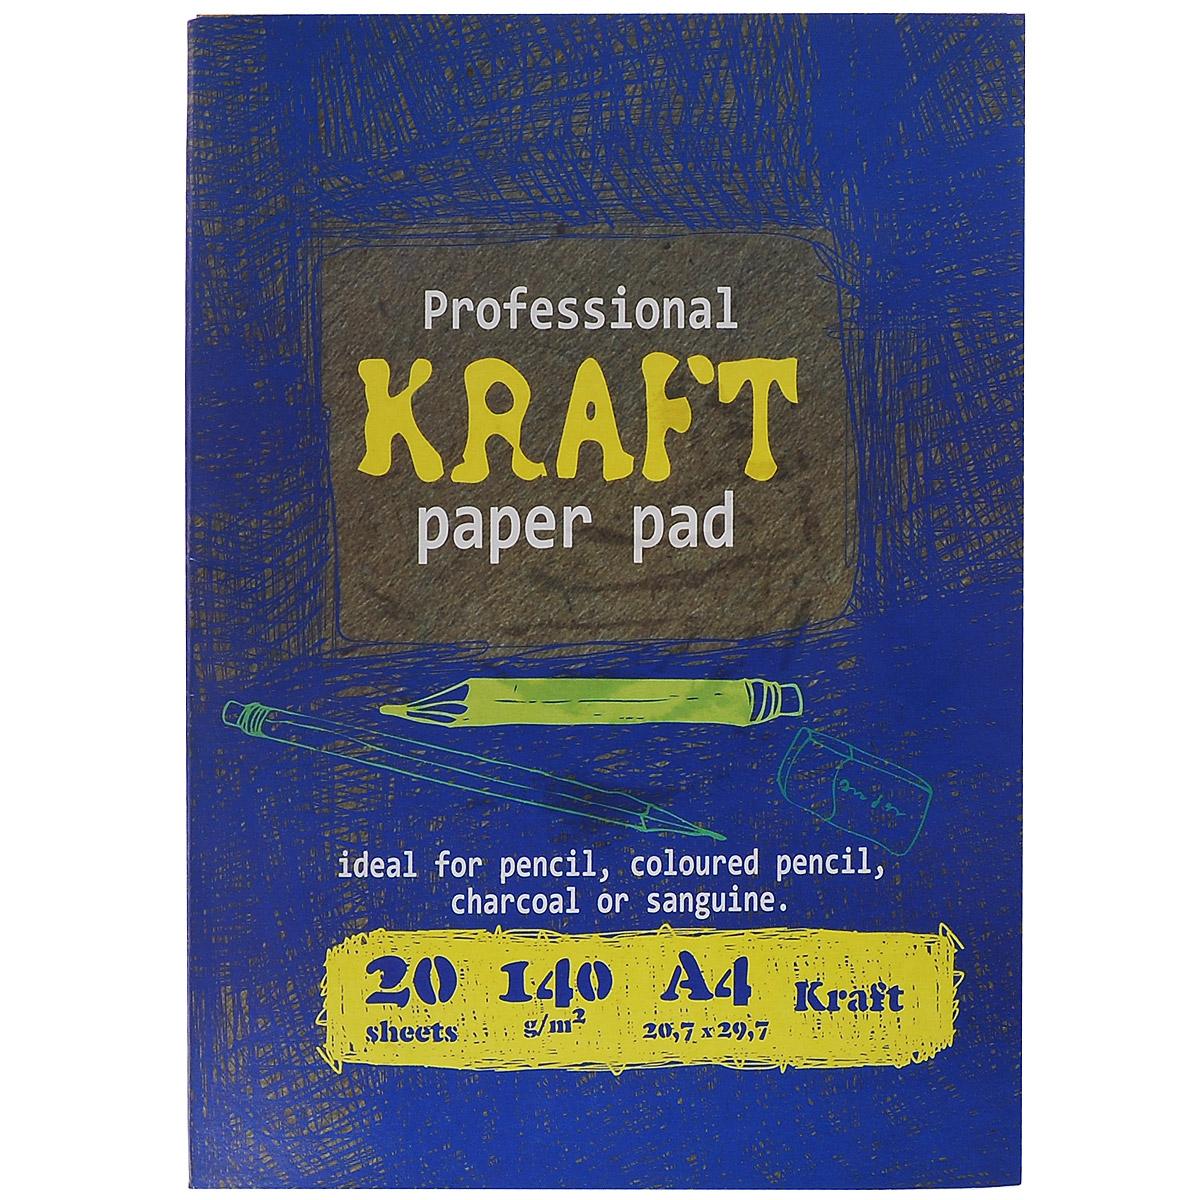 Папка для рисования и эскизов Kroyter, 20 листов, формат А402656Папка Kroyter предназначена для эскизов и рисования. Подходит для работ карандашами, пастелью, углем. Содержит 20 листов бумаги. Обложка - высококачественный мелованный картон. Использованные листы удобно хранить в папке.